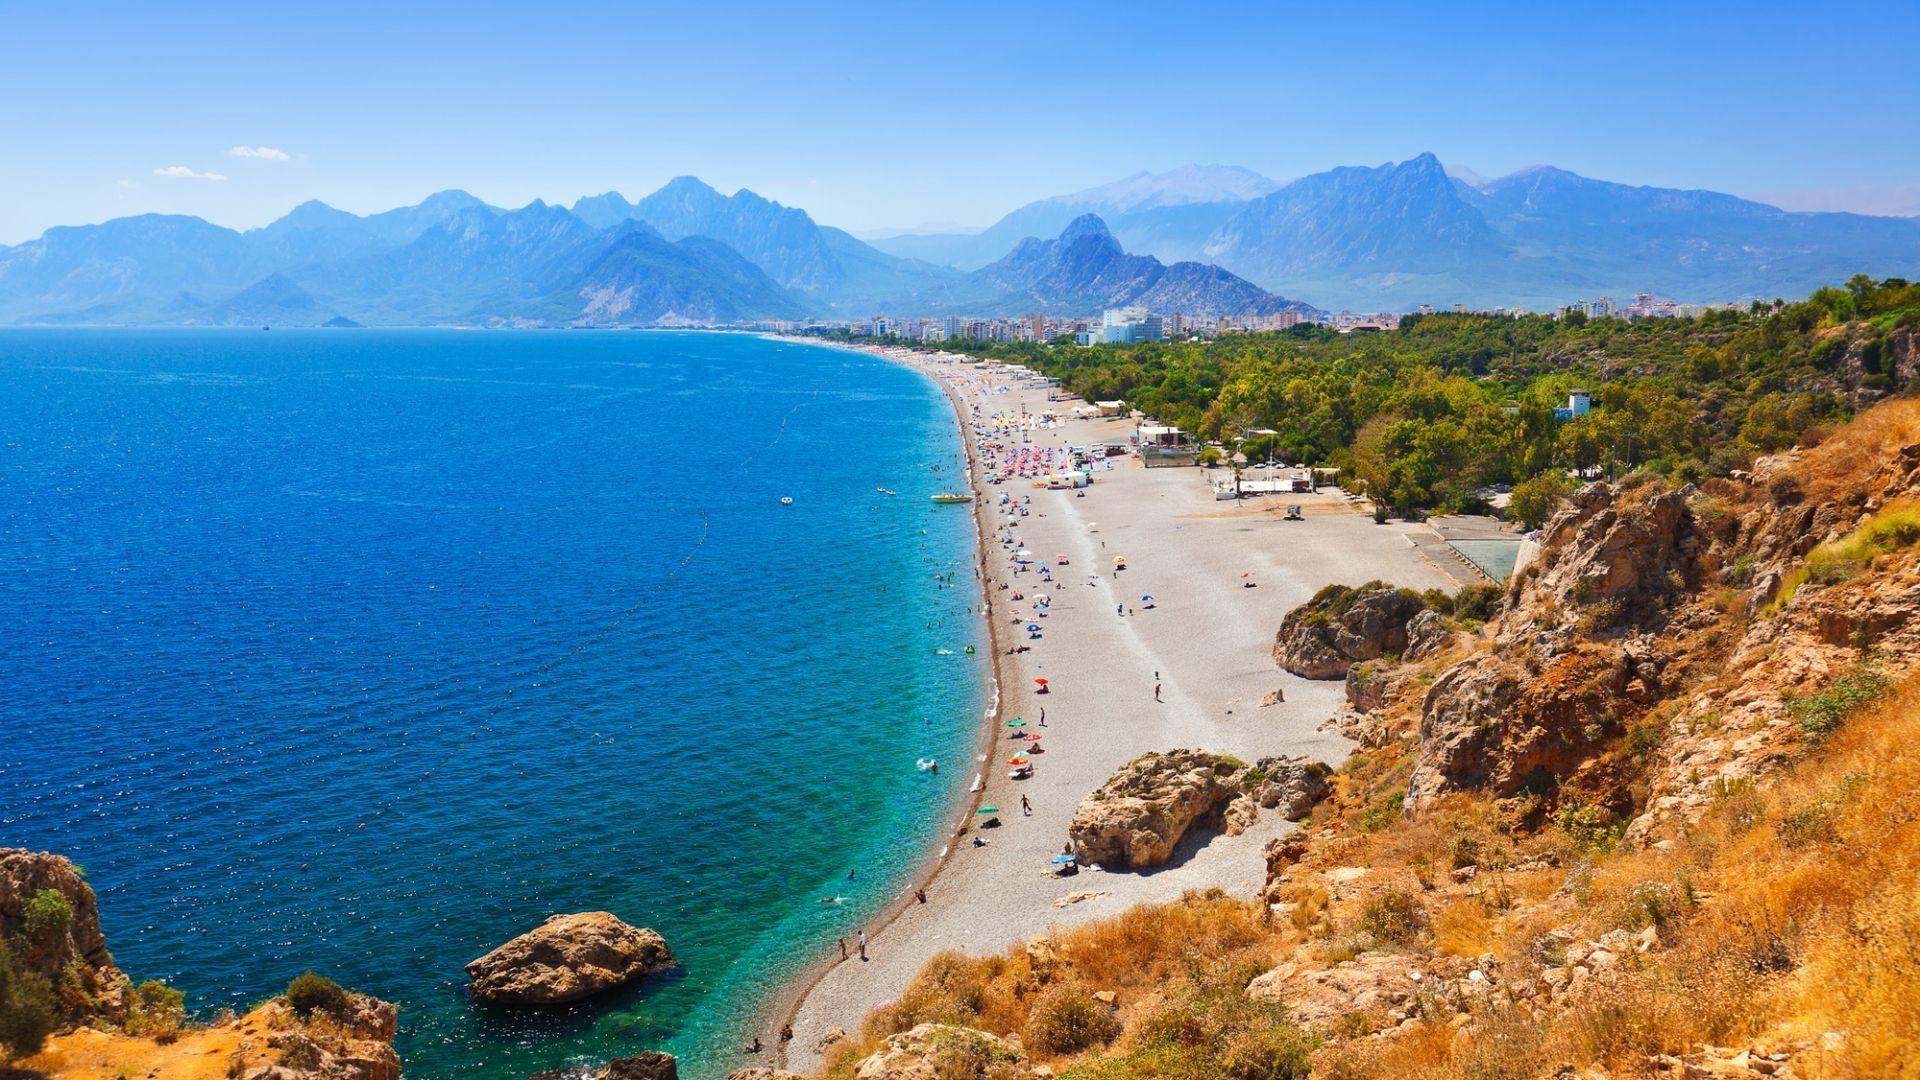 Nauji metai Turkijoje – susipažinimui su nuostabia gamta